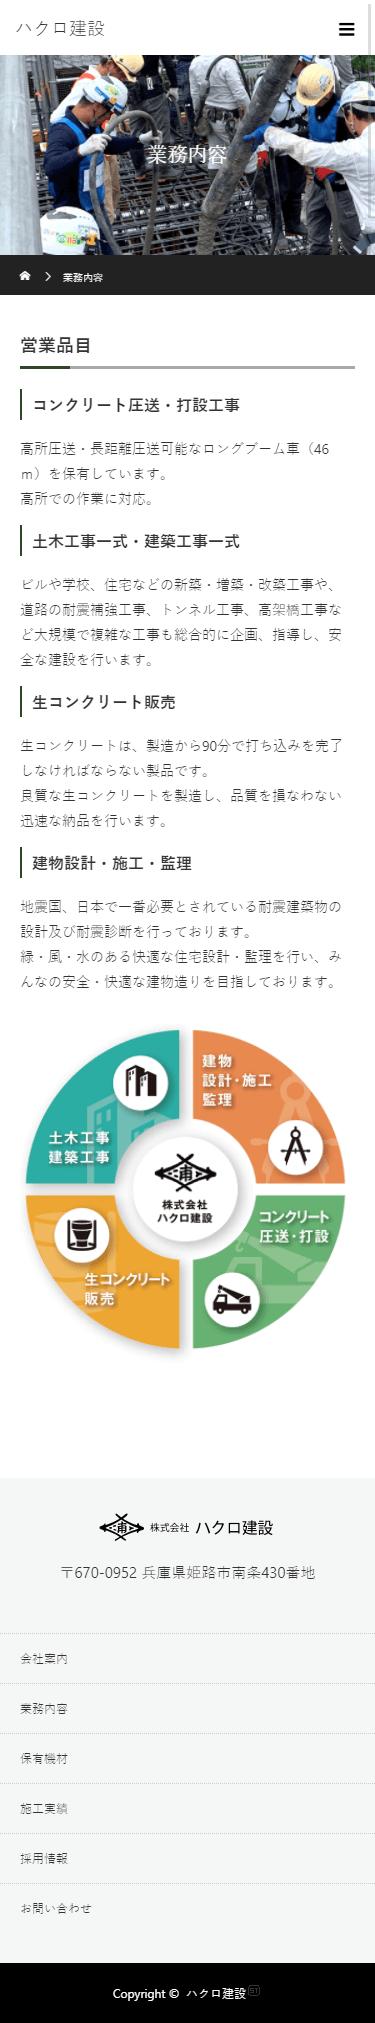 姫路市 株式会社ハクロ建設 ホームページ制作4